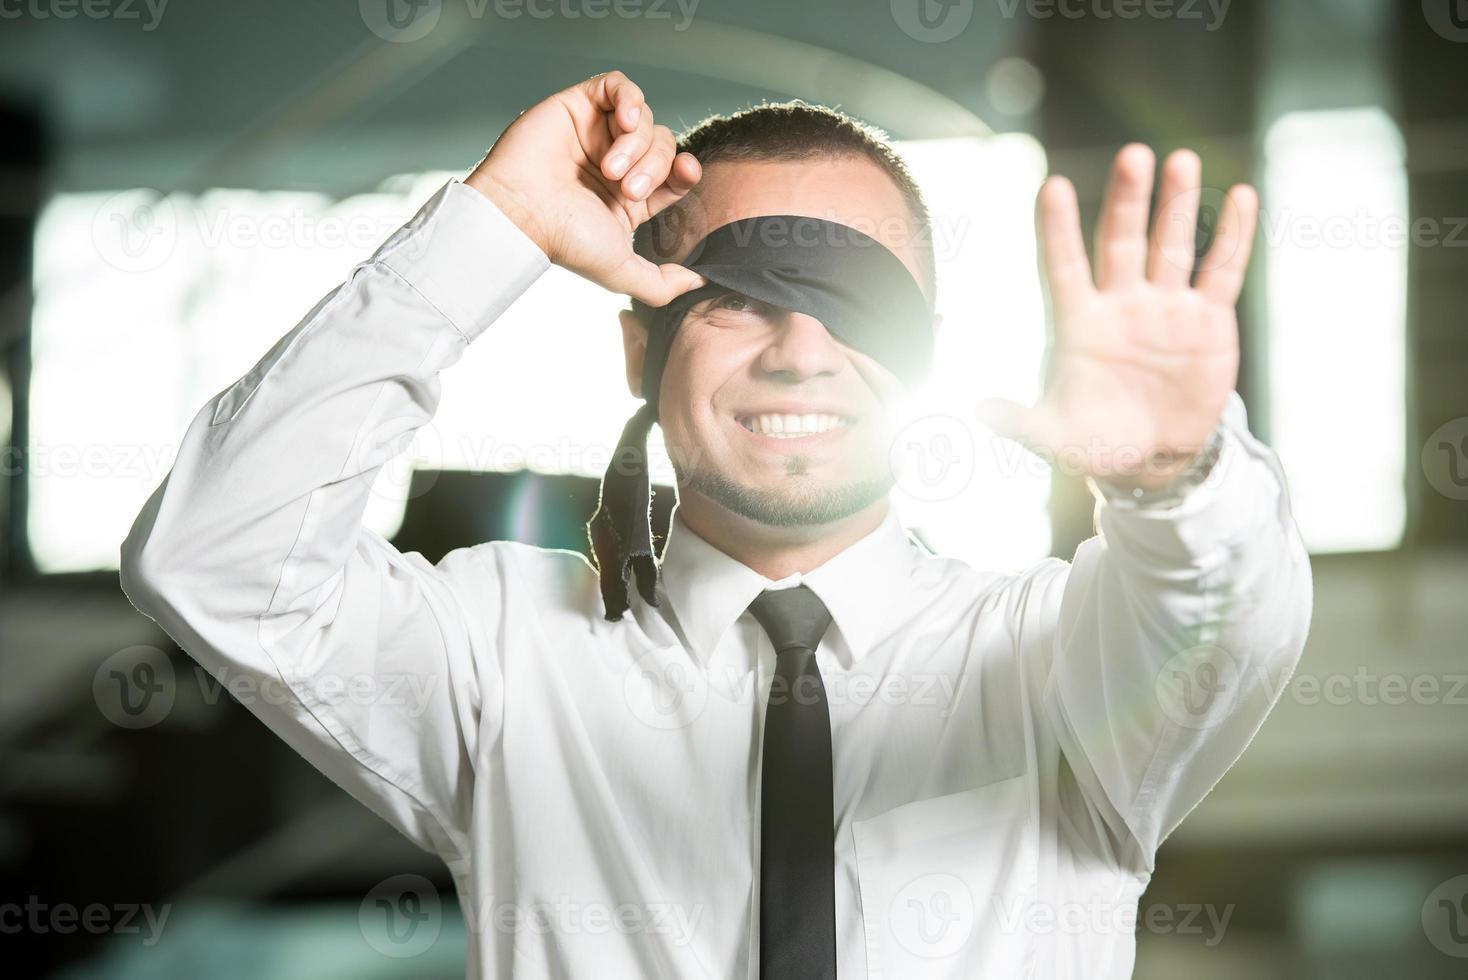 auf der Suche nach einem Job foto